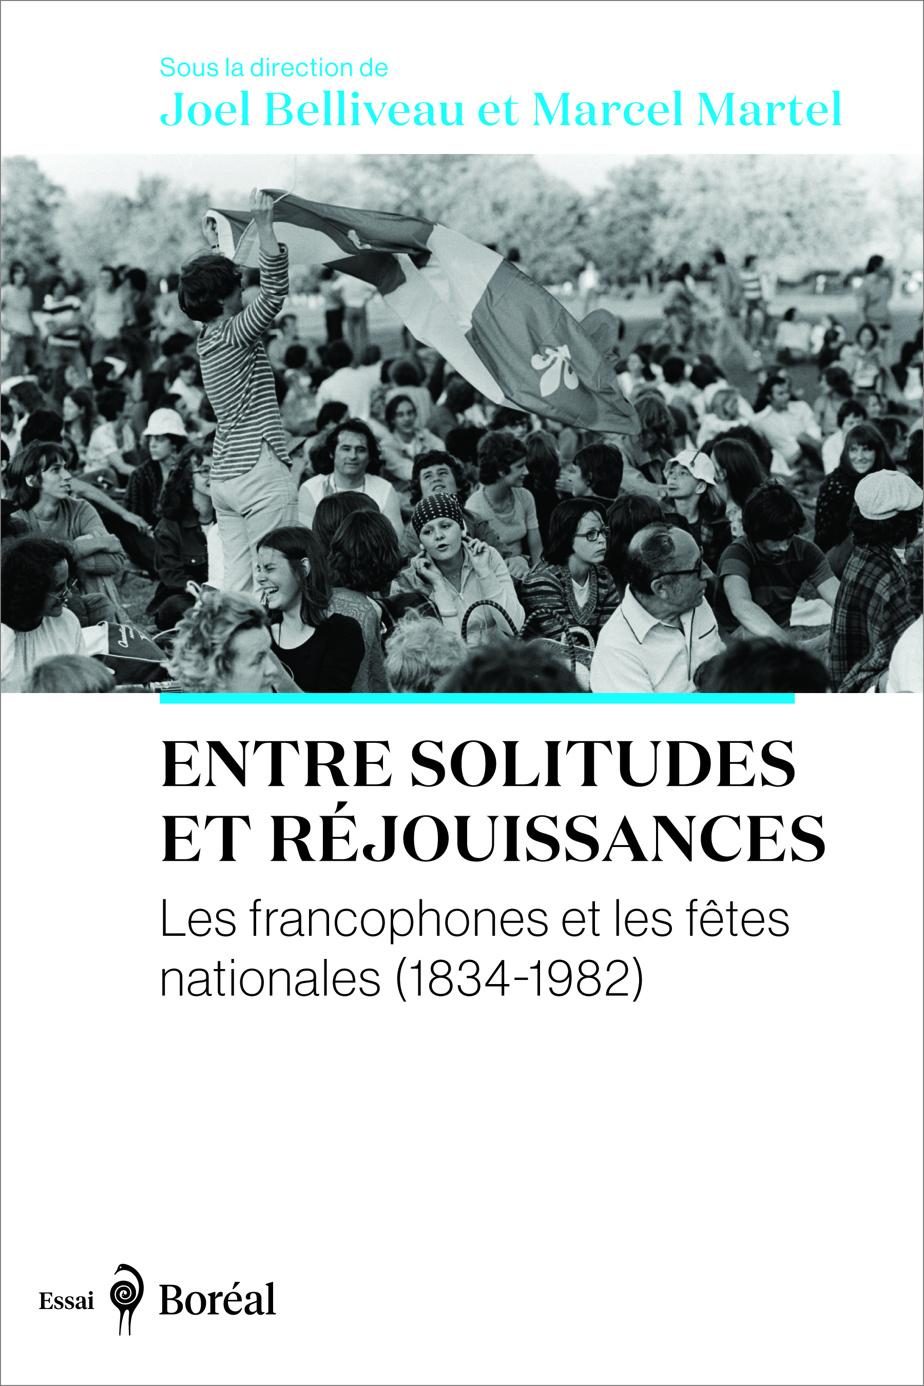 Entre solitudes et réjouissances –Les francophones et les fêtes nationales (1834-1982)